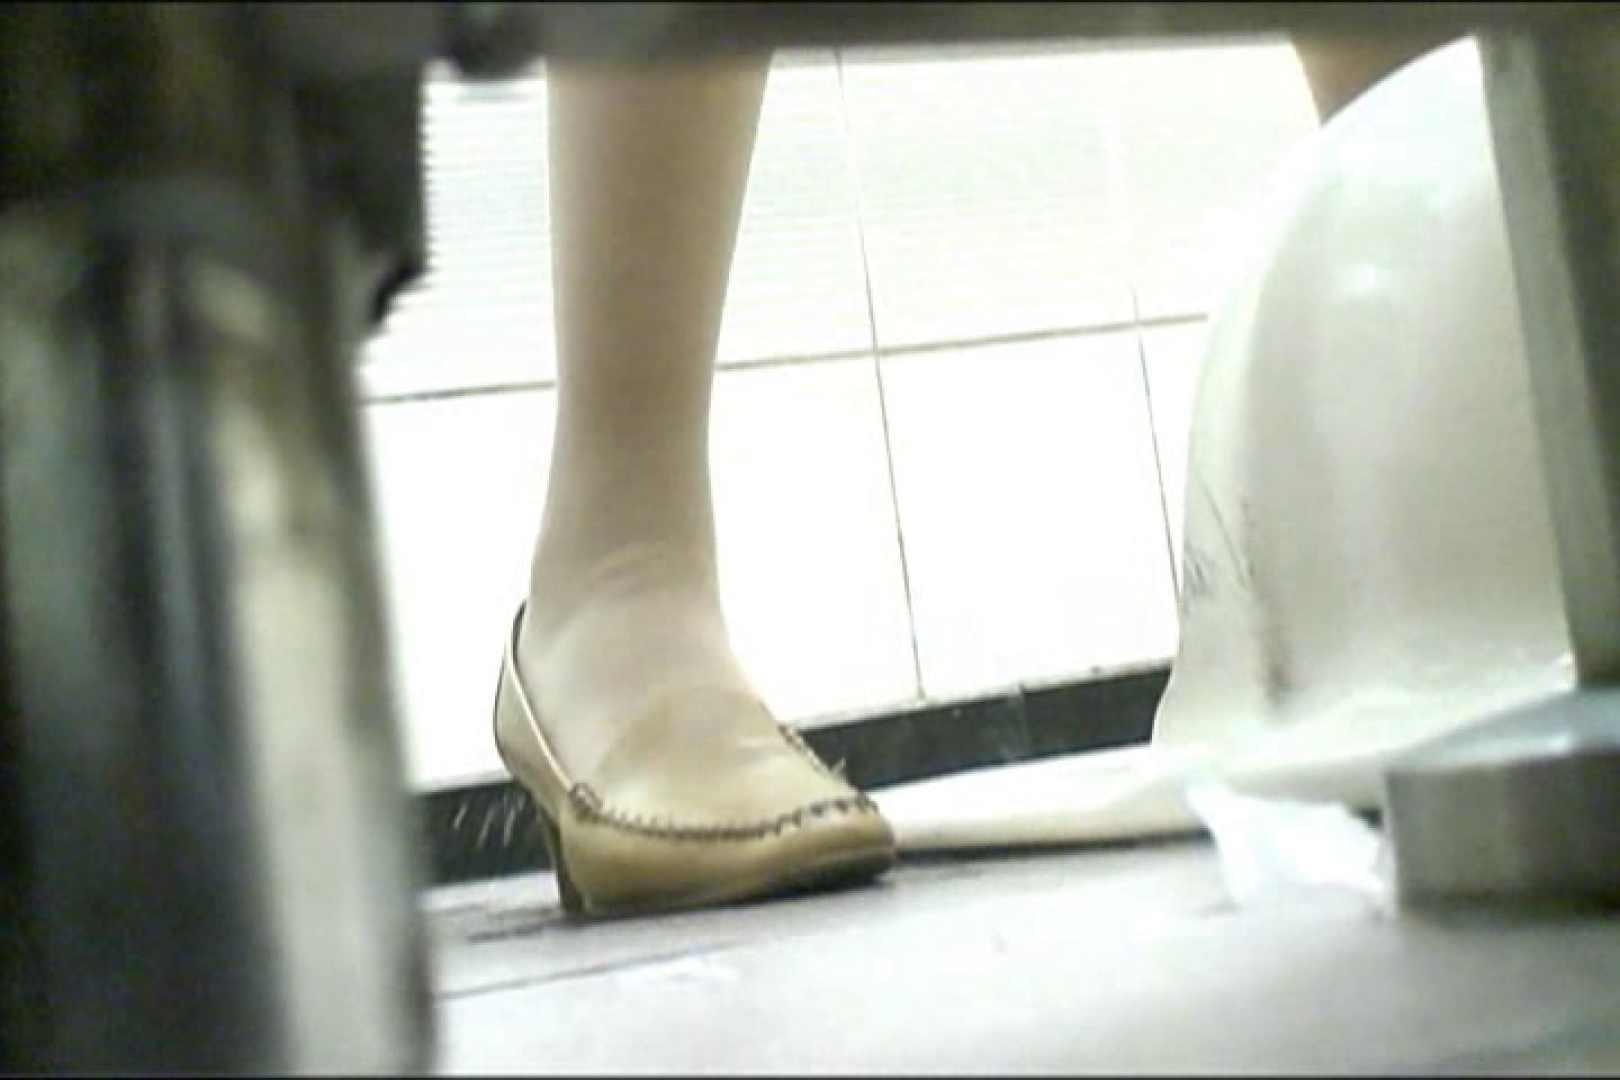 マンコ丸見え女子洗面所Vol.17 無修正マンコ  74PICs 50